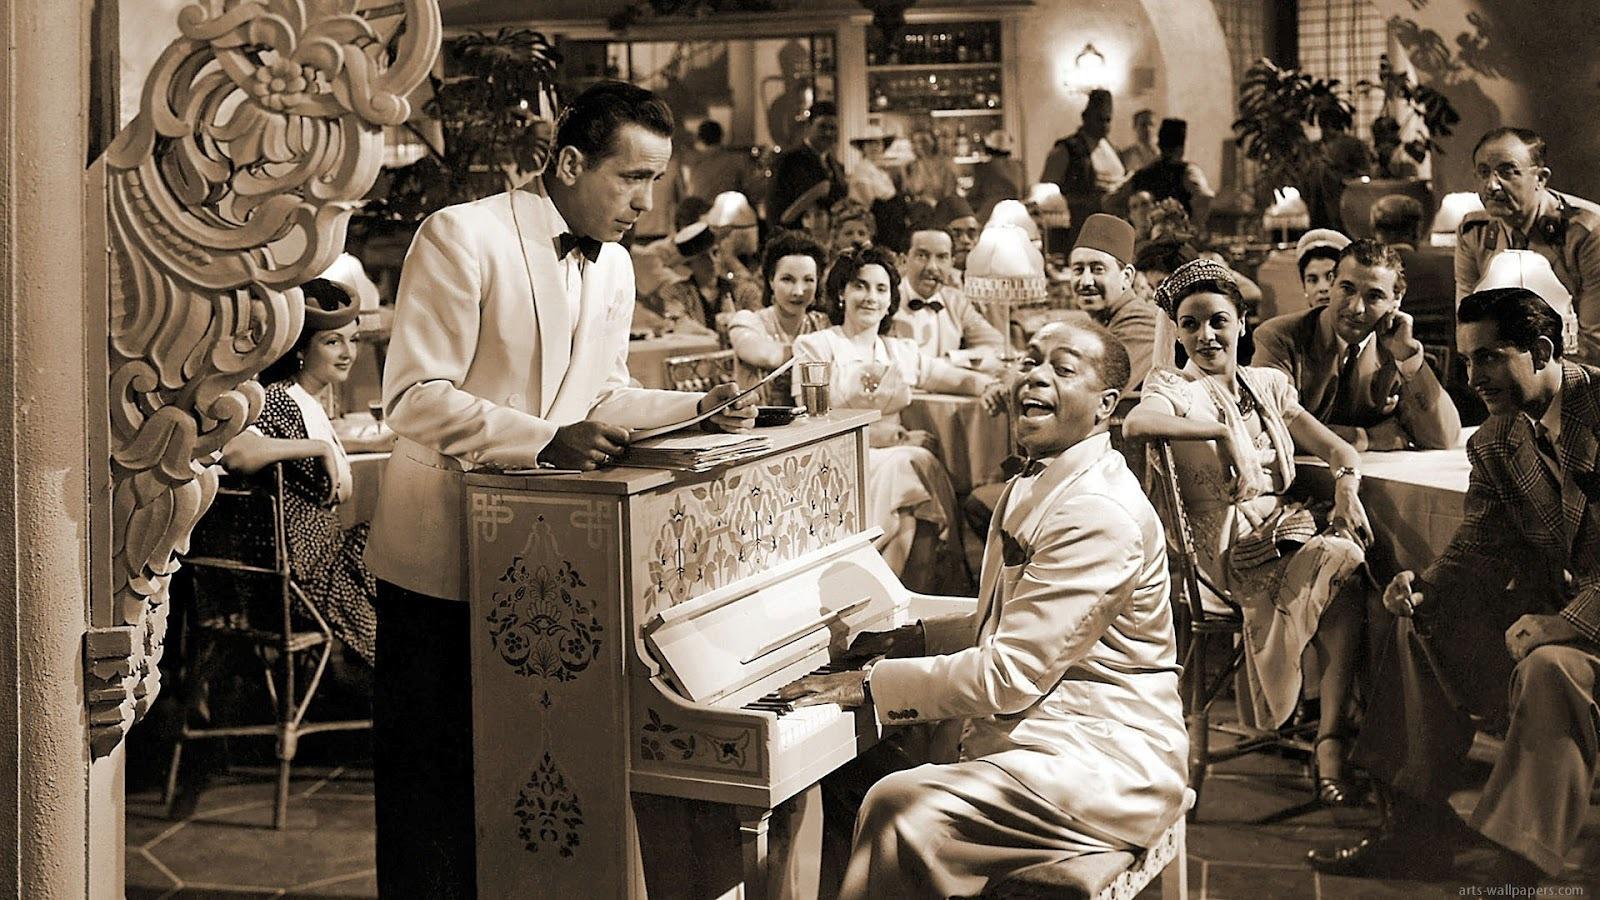 Piano Casablanca geveild voor een dikke drie miljoen dollar